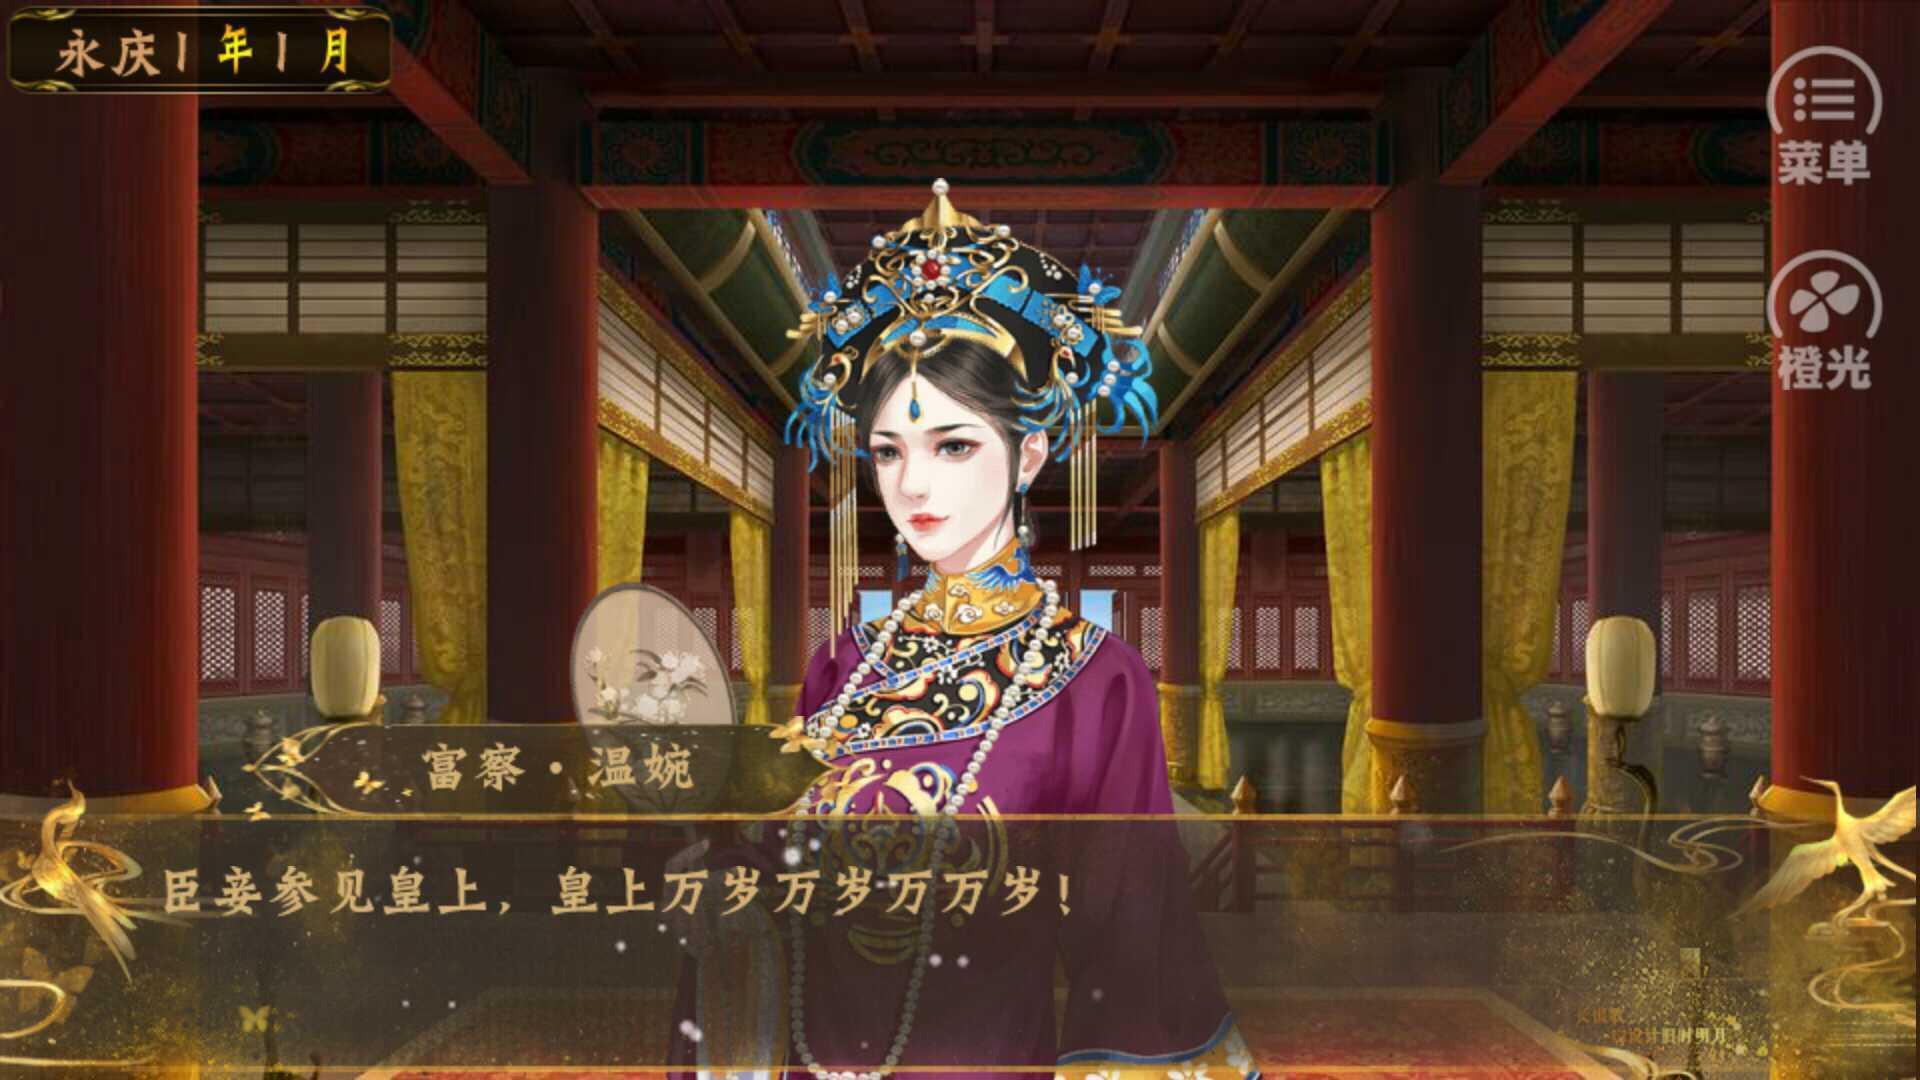 皇帝之大清后宫破解版图4